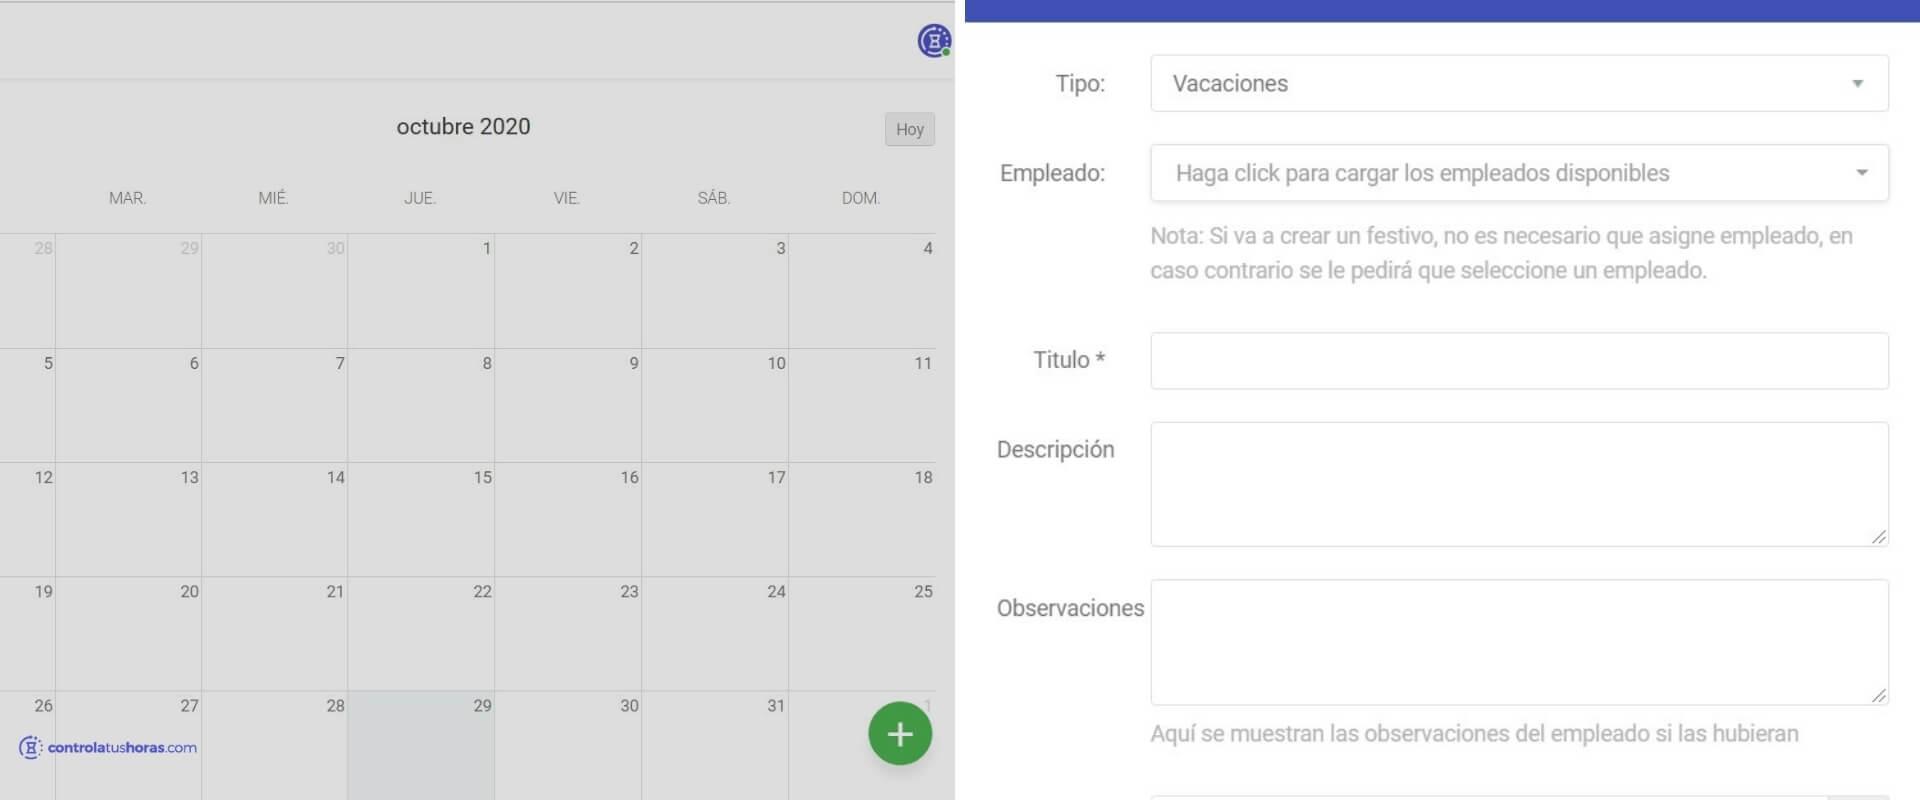 vacaciones de trabajadores, cómo poder pedirlas a través de la aplicación de controla tus horas